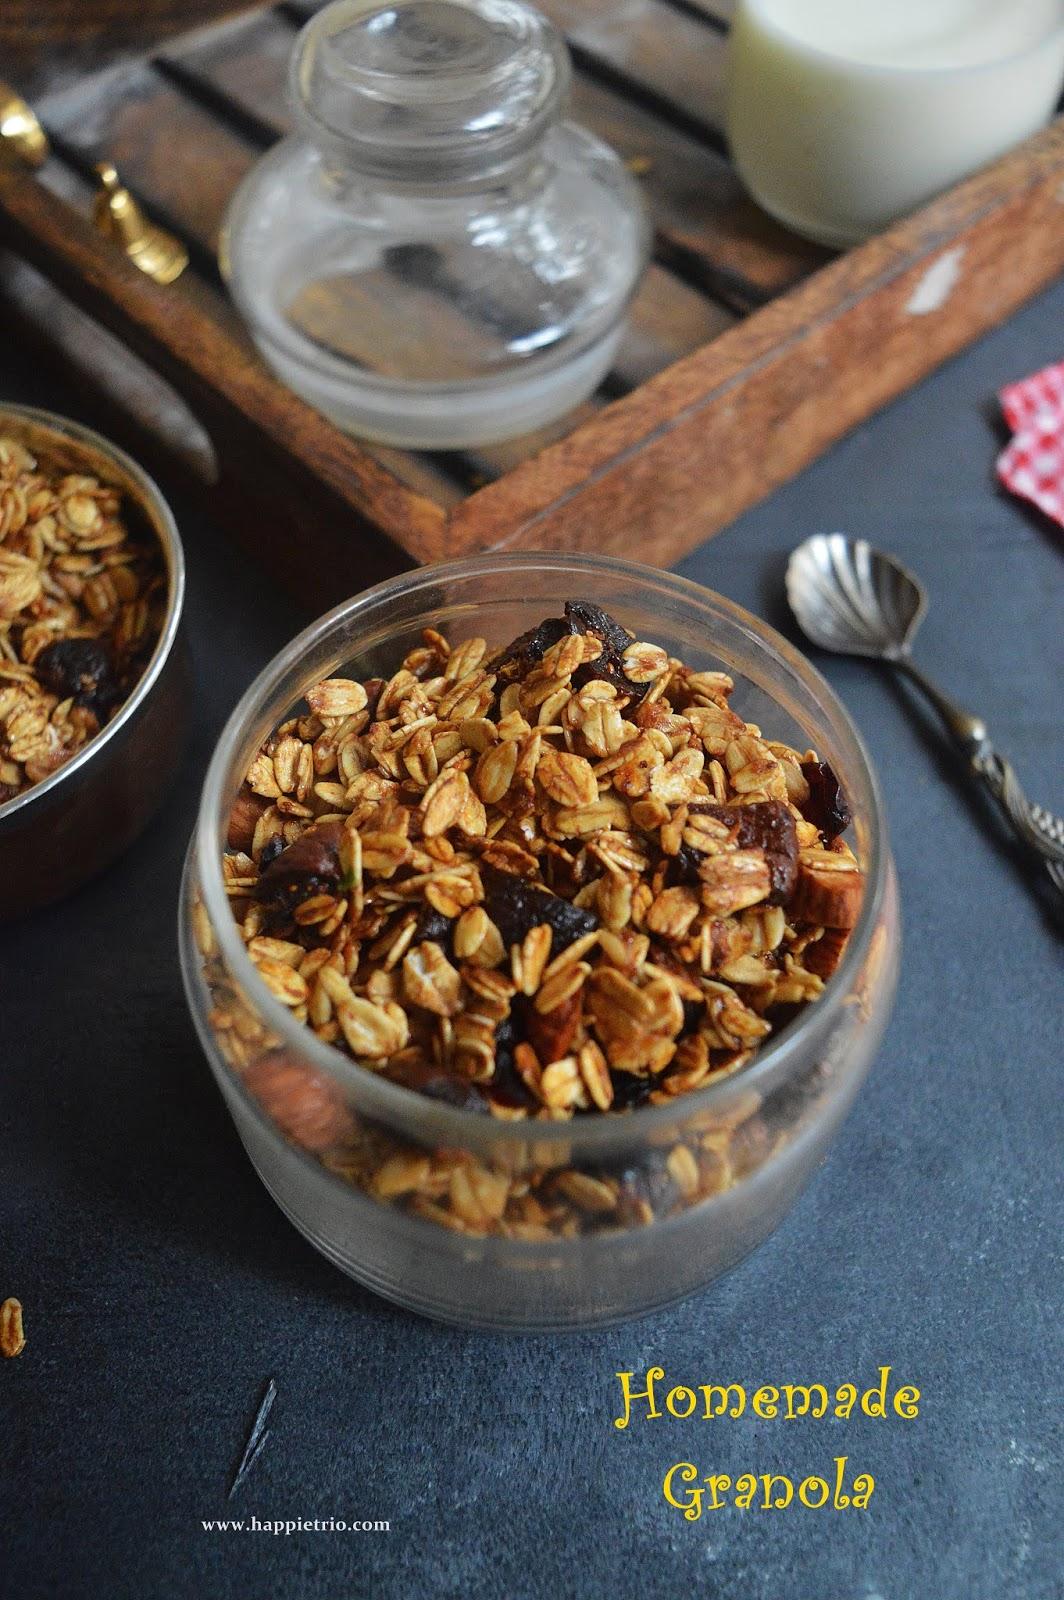 Homemade Granola Recipe How To Make Granola Cook With Sharmila